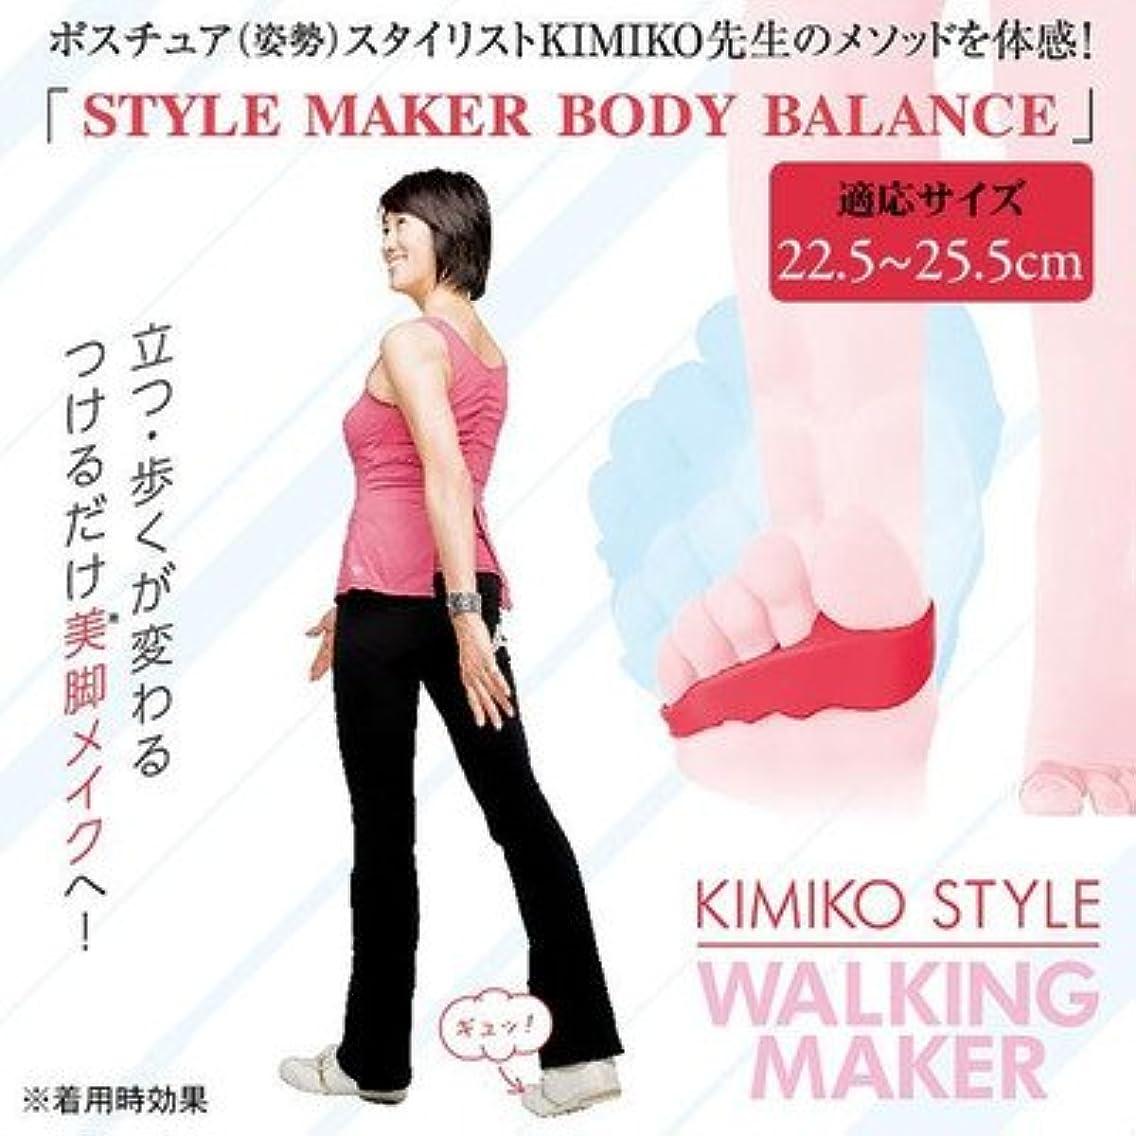 ゆりかごシンク元気な付けて歩いて 正しい歩行姿勢へナビゲート KIMIKO STYLE キミコスタイル WALKING MAKER ウォーキングメーカー 1足入